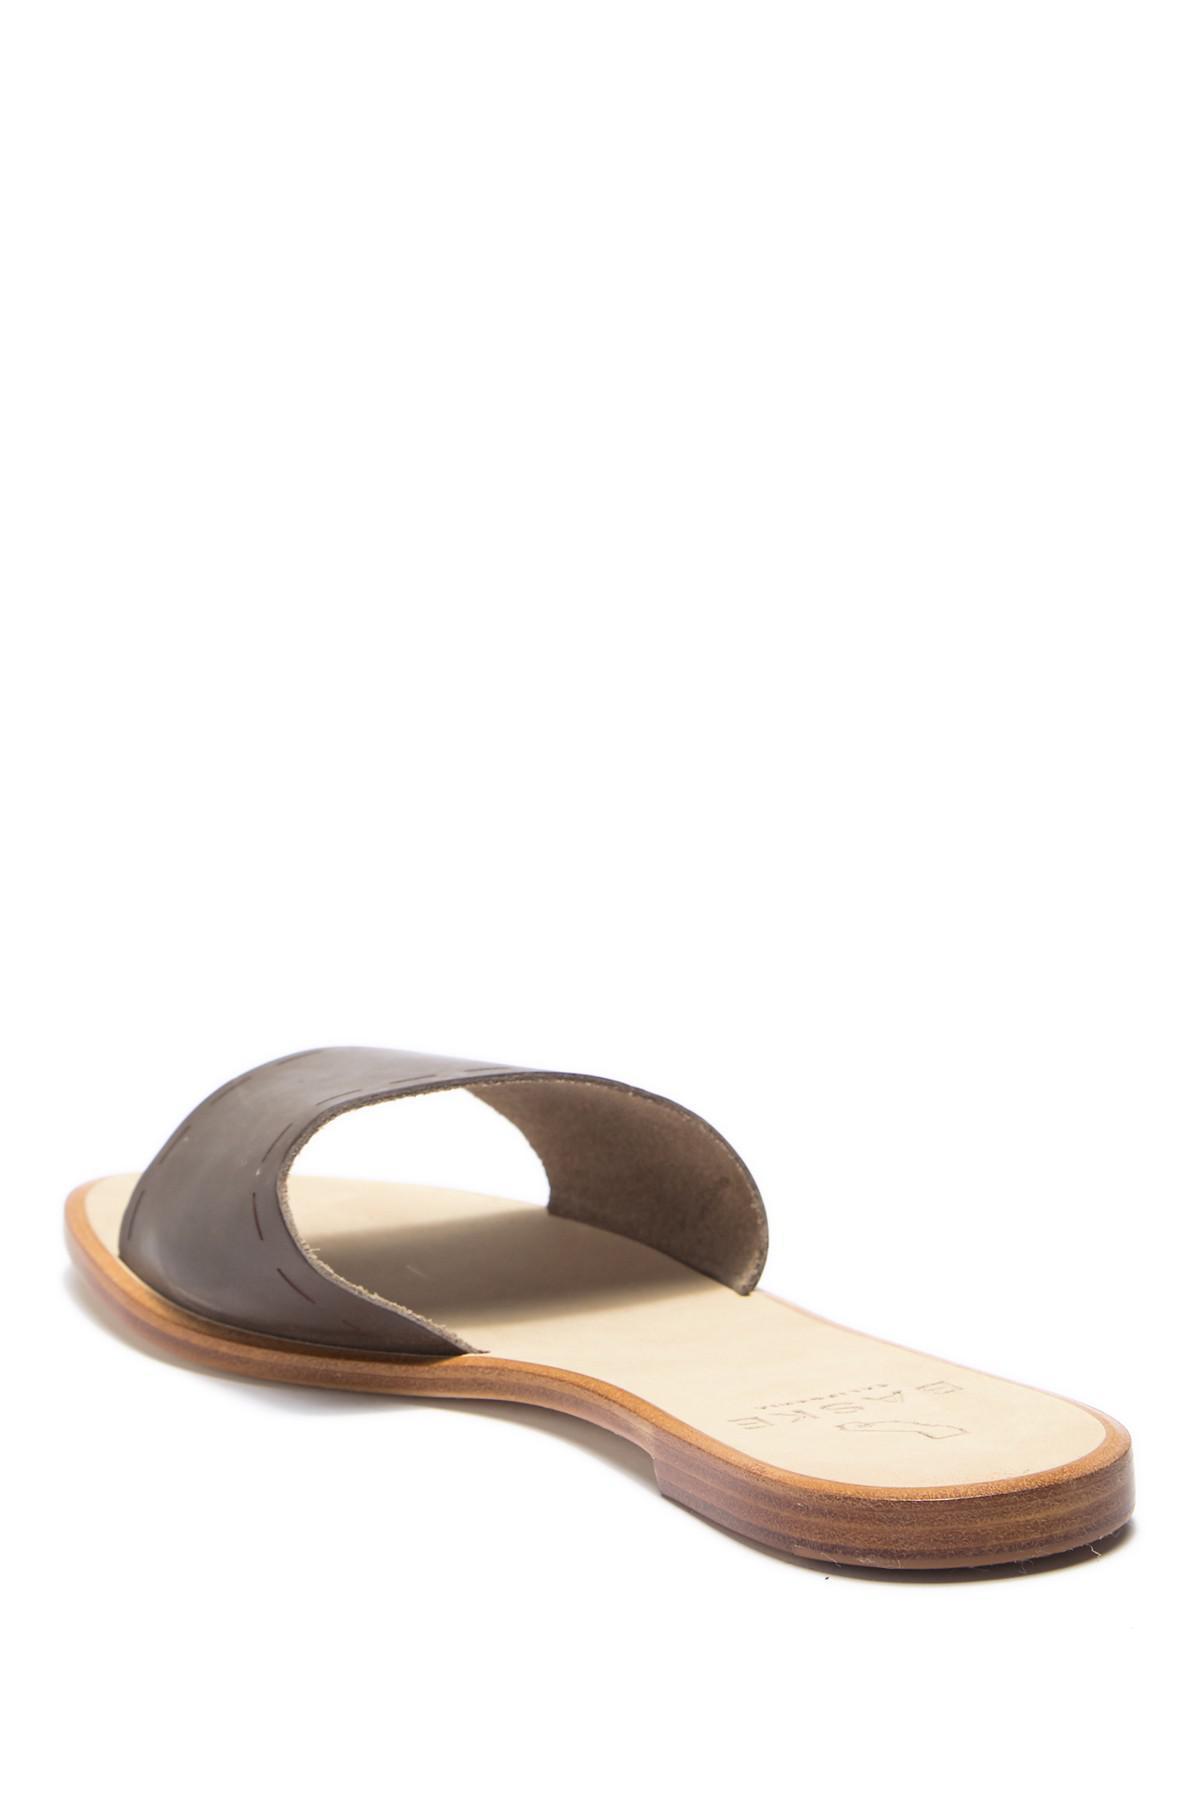 BASKE CALIFORNIA Sage Slide Sandal dW4KiQvzzh